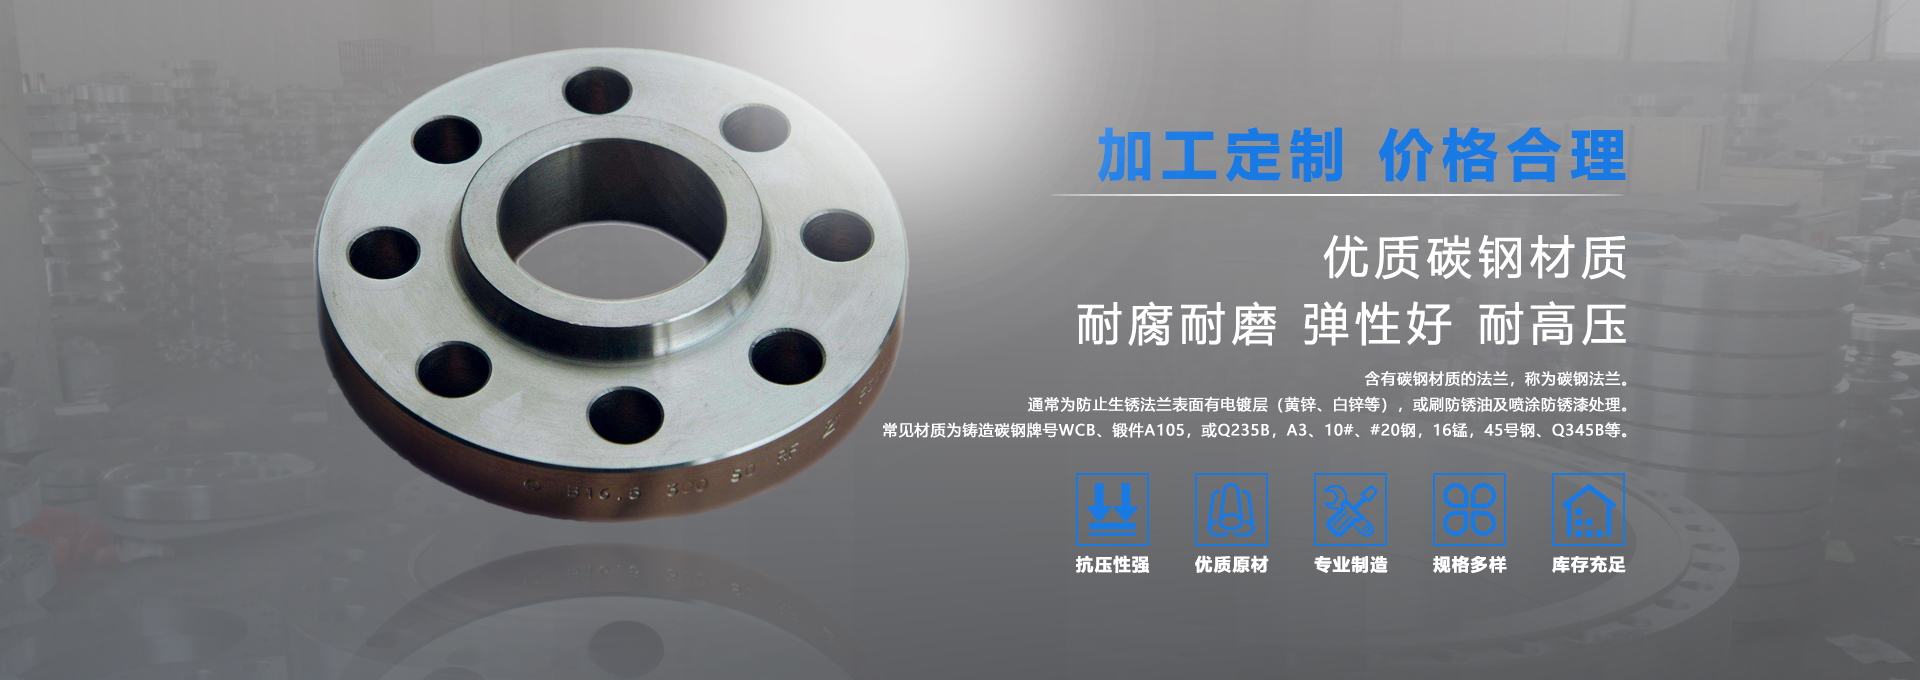 碳钢法兰盘